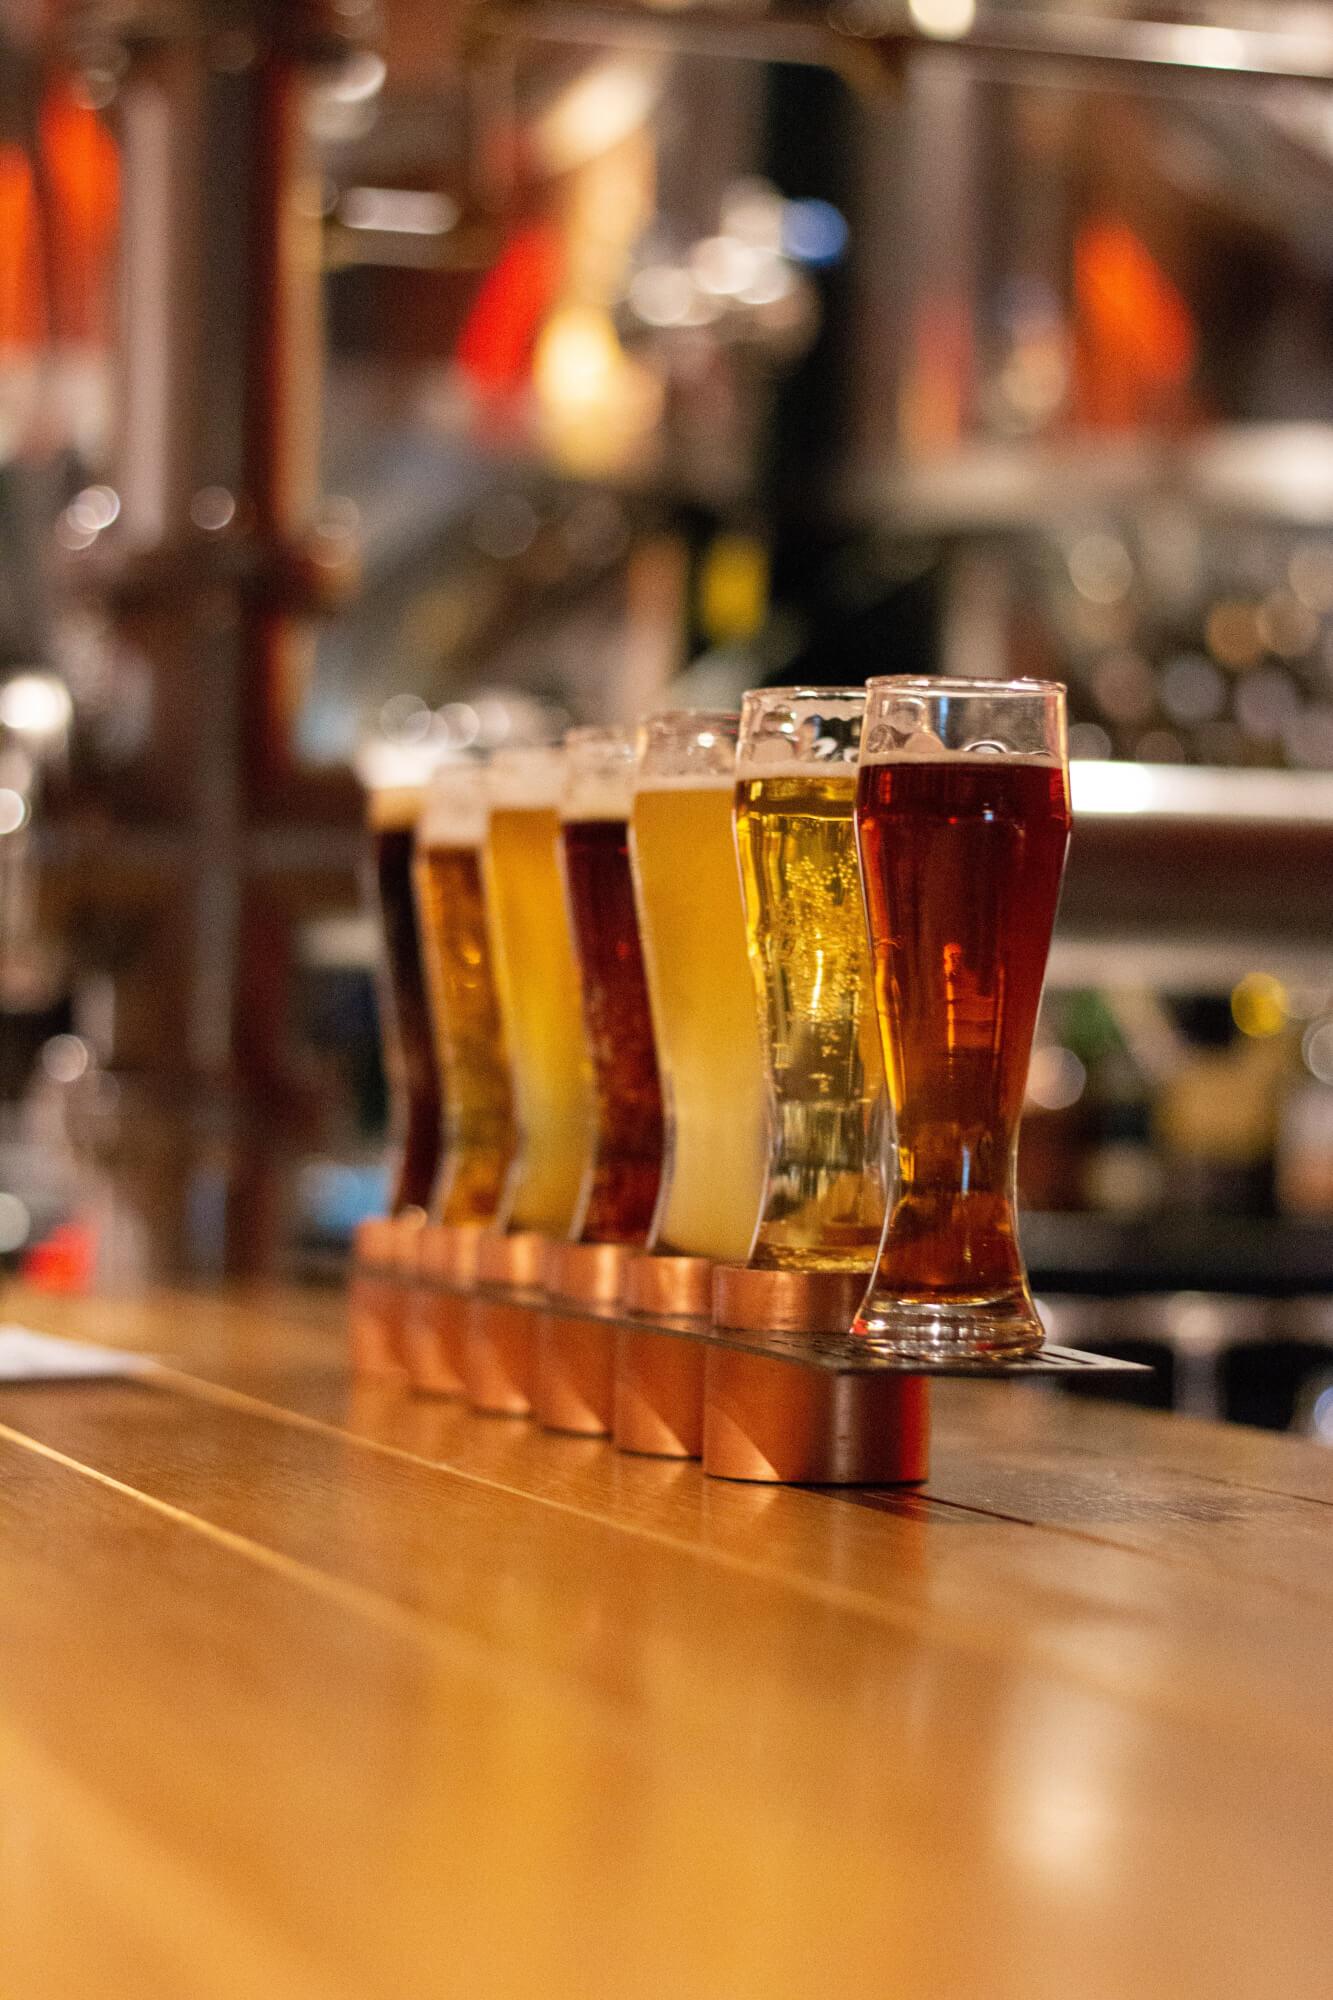 Beer in a bar in Denver, Colorado